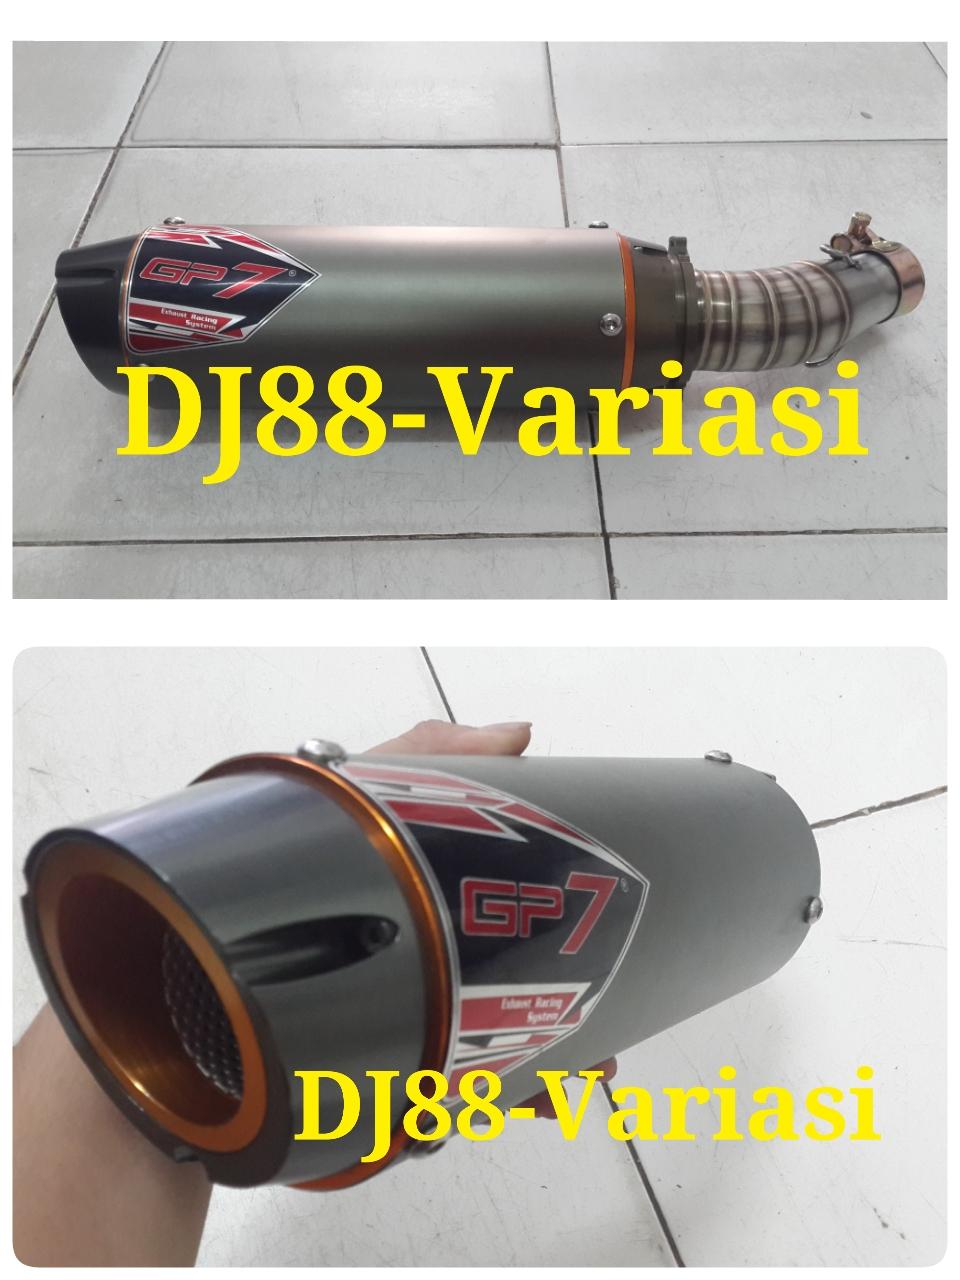 Dj88 Variasi Toko Aksesories Terlengkap Dan Terpercaya Se Indonesia Knalpot Prospeed Black Series Ninja 250 Rr Mono Z250sl Fullsystem Slip On Gp7 Untuk Kawasaki Carbu Fi Z250 Racing Cnc Ngebass Bulat Gahar